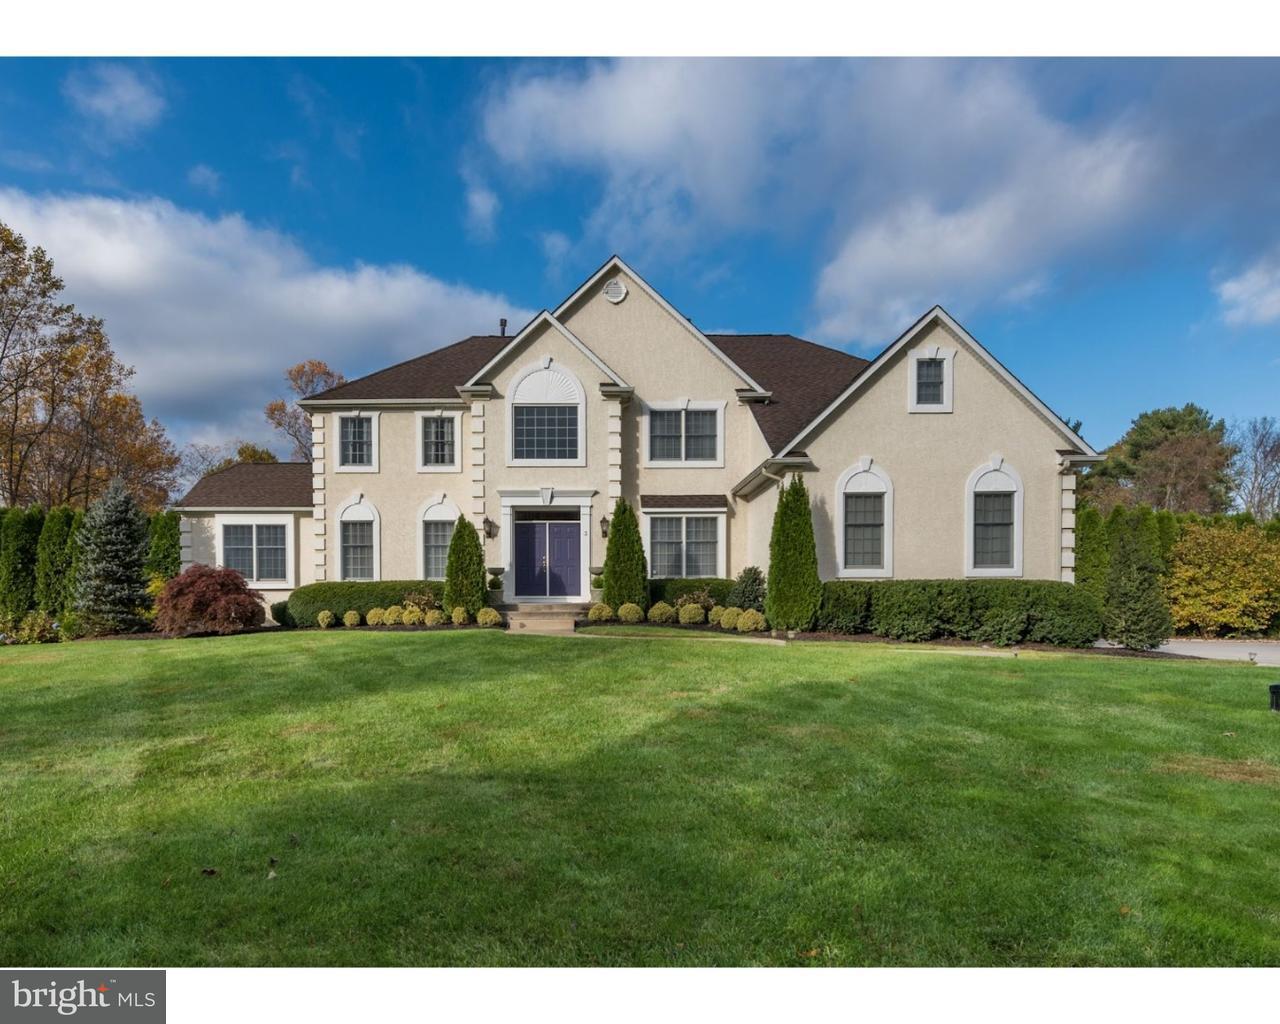 Maison unifamiliale pour l Vente à 3 WOODVIEW Court Lumberton, New Jersey 08048 États-Unis